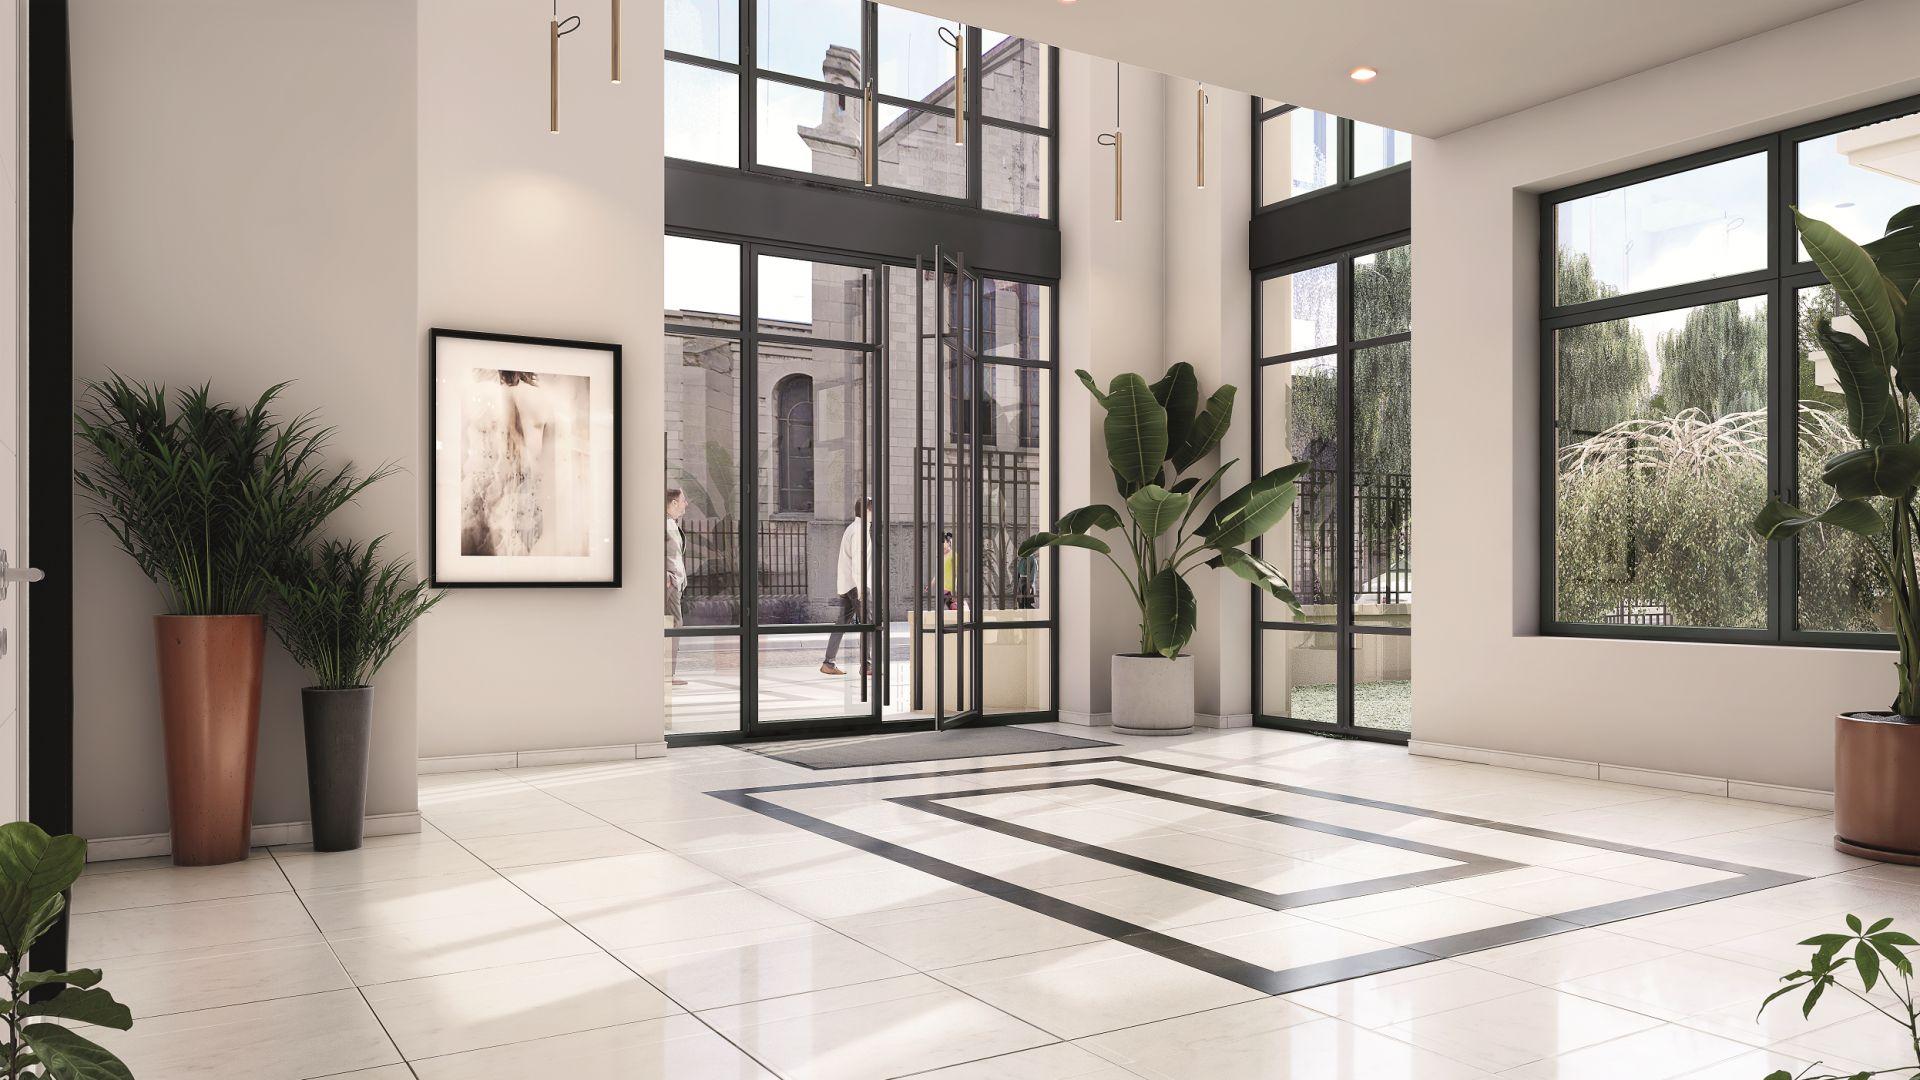 Greencity Immobilier - Square Kennedy - achat appartements du T1 bis au T5 duplex - Saint-Maur des Fossés 94100 - vue hall